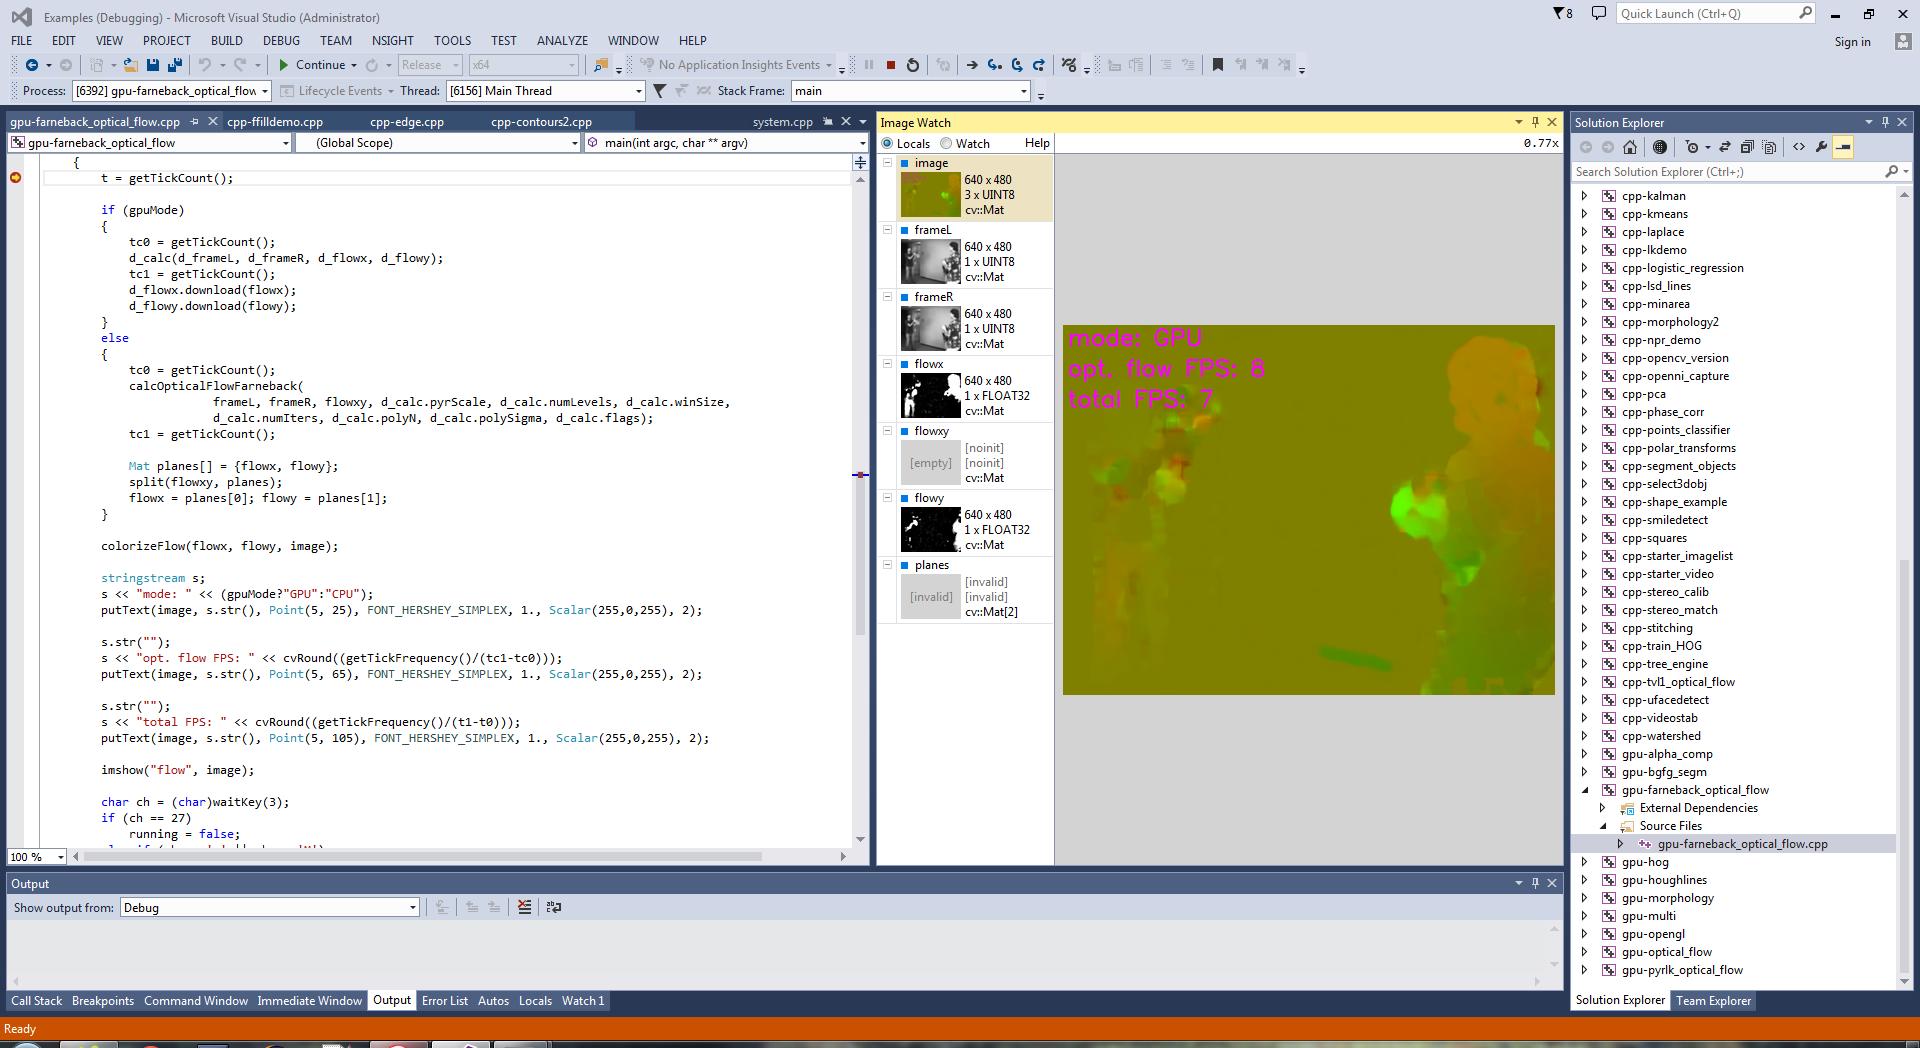 OpenCV GPU example, debug with Image Watch